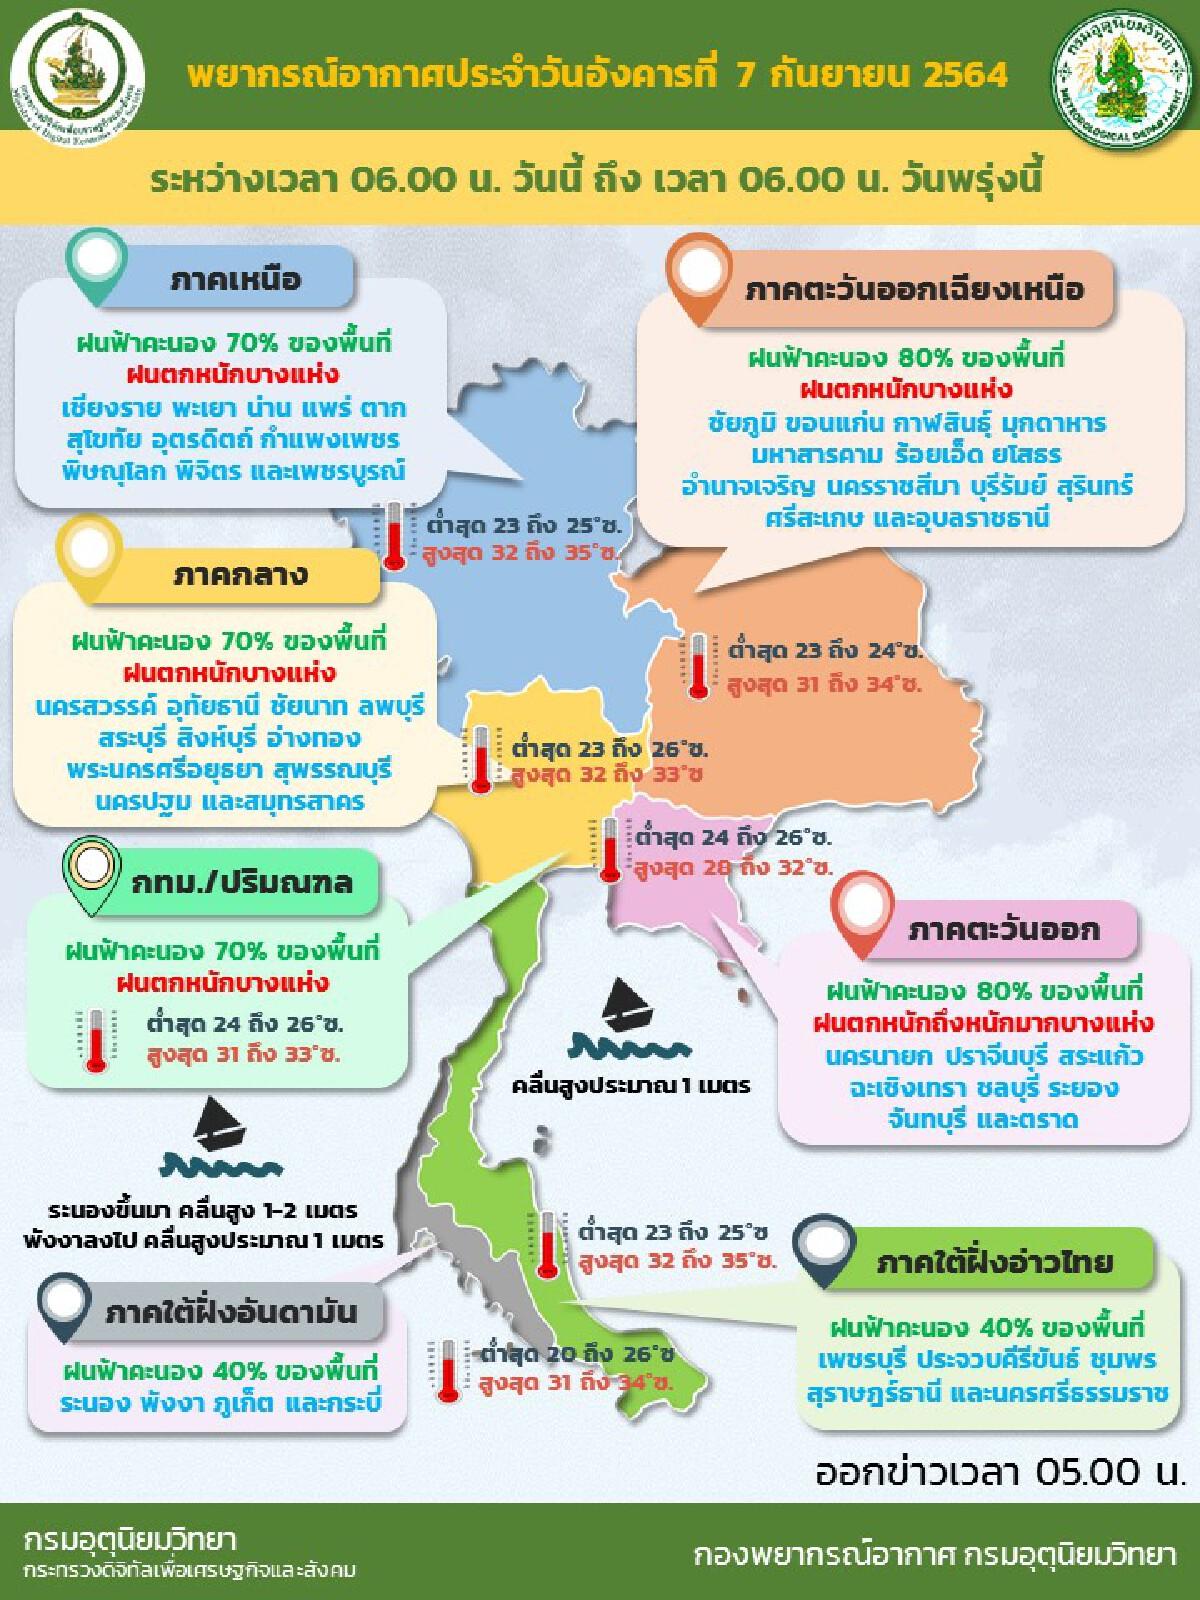 """""""กรมอุตุนิยมวิทยา"""" ทั่วไทยมีฝนเพิ่มขึ้น จับตา พายุโซนร้อนโกนเซิน 9-10 ก.ย."""